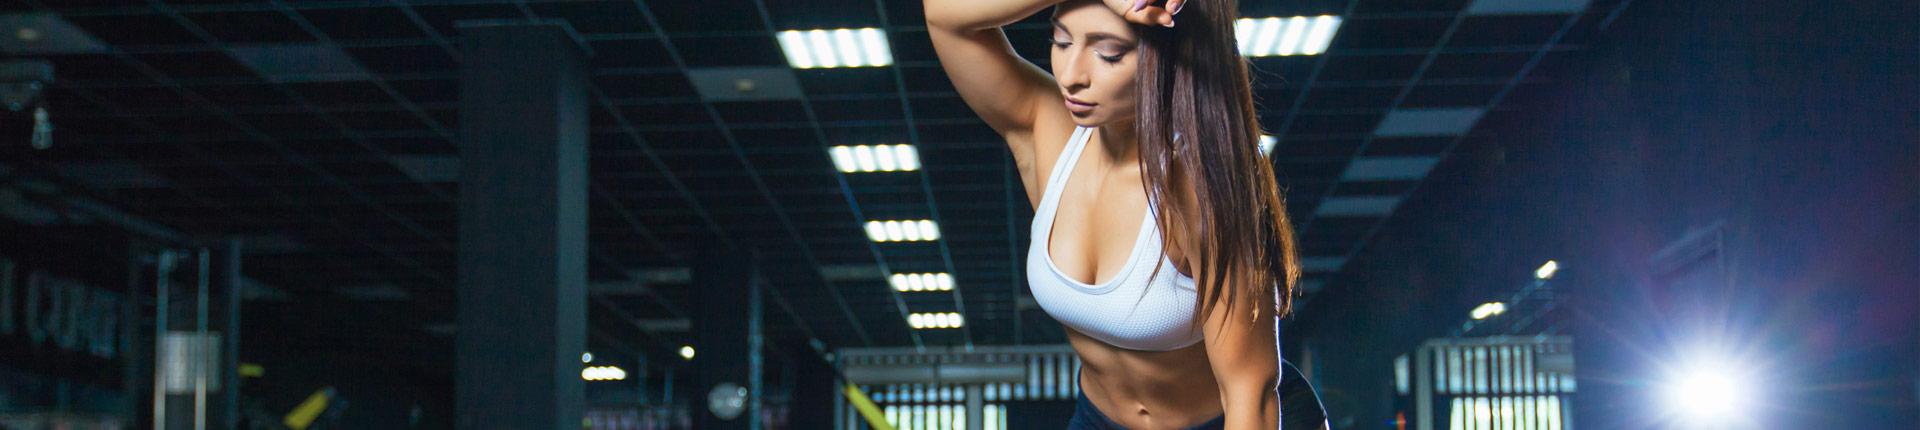 Jaki trening najlepiej spala tłuszcz u kobiet?